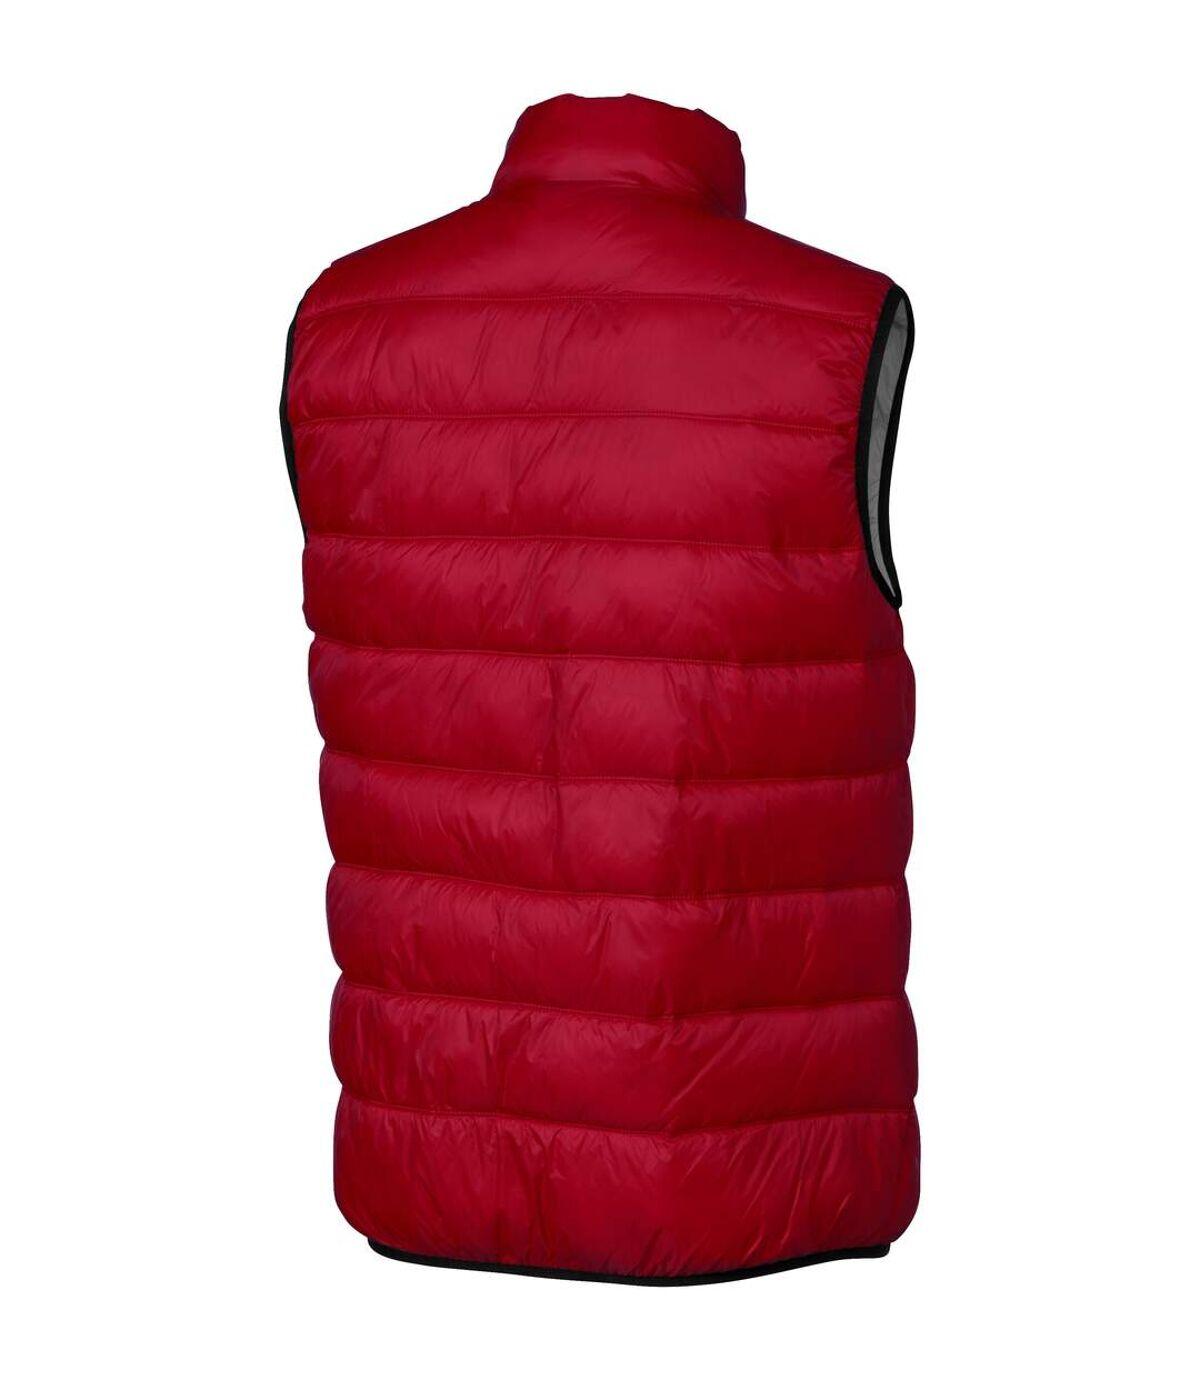 Elevate Mens Mercer Insulated Bodywarmer (Red) - UTPF1934